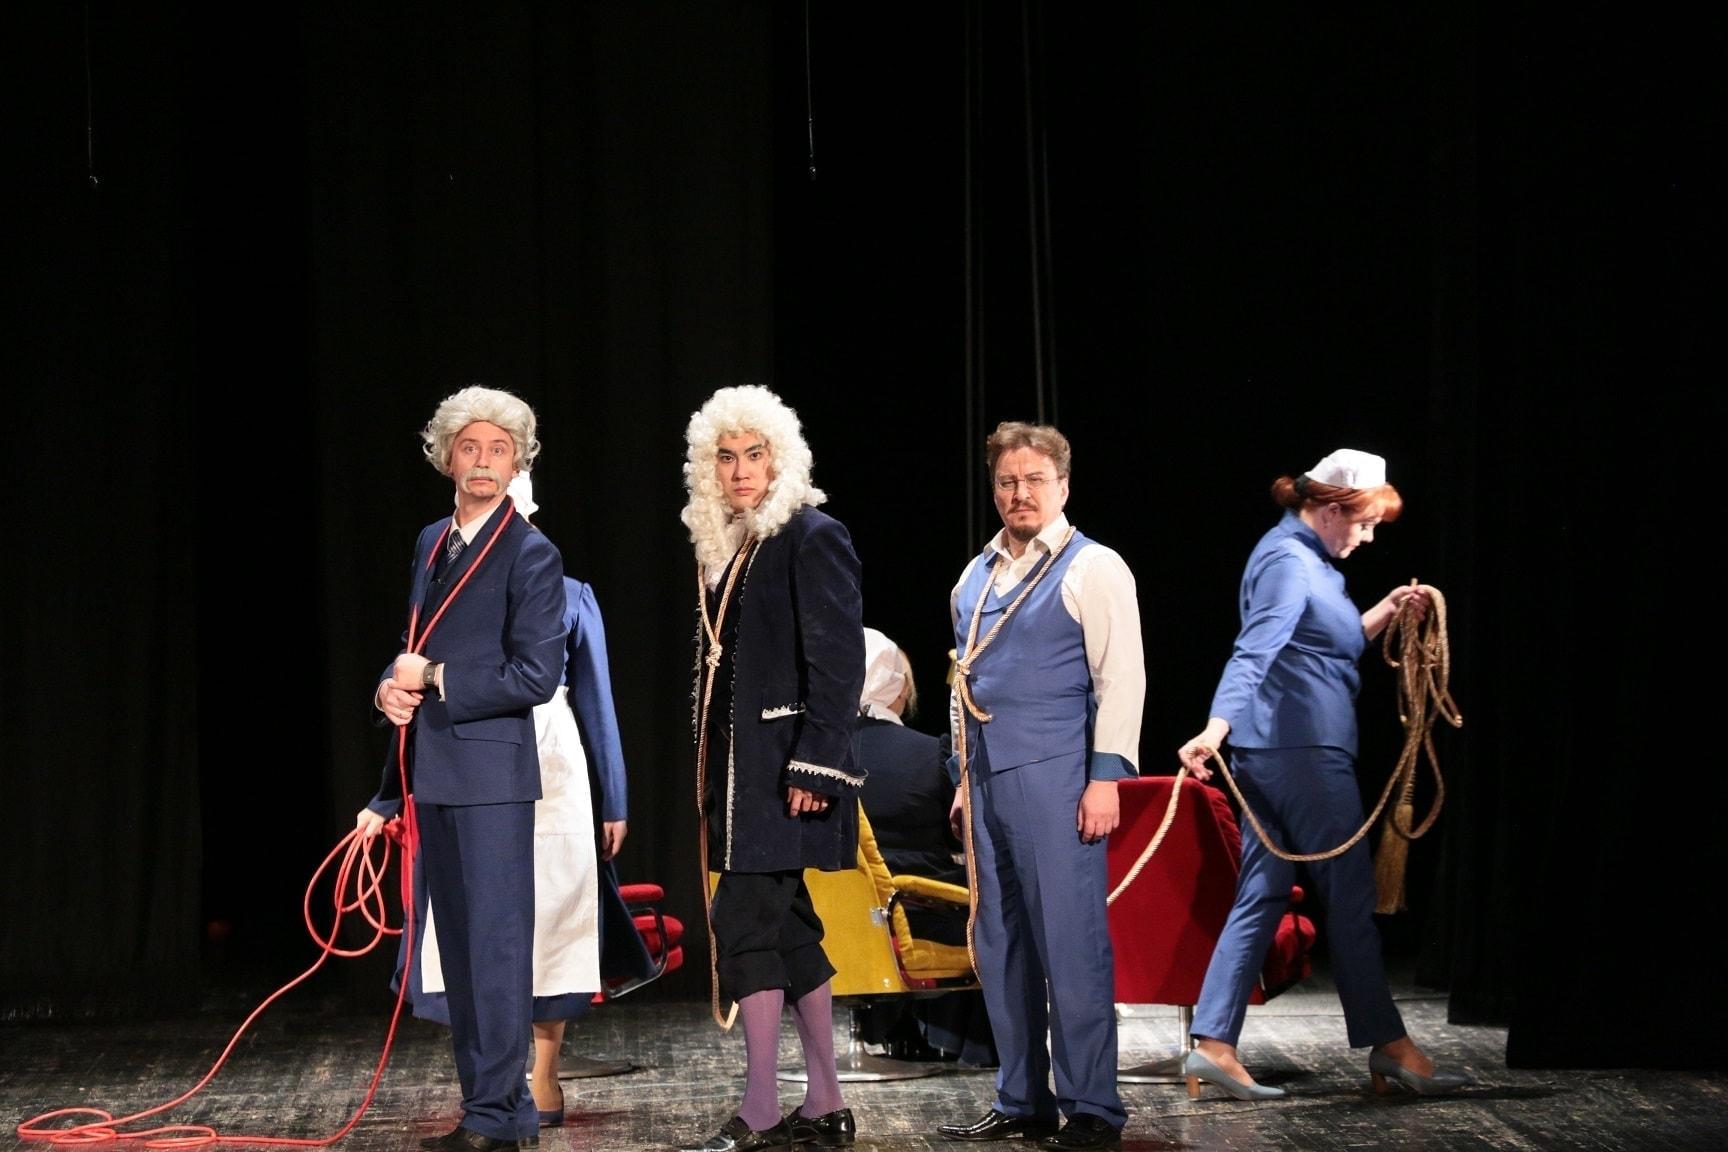 """Эёнштейн, Ньютон, Мёбиус и его сиделка. Сцена из оперы """"Физики"""" в постановке Диего Вилли Корна"""